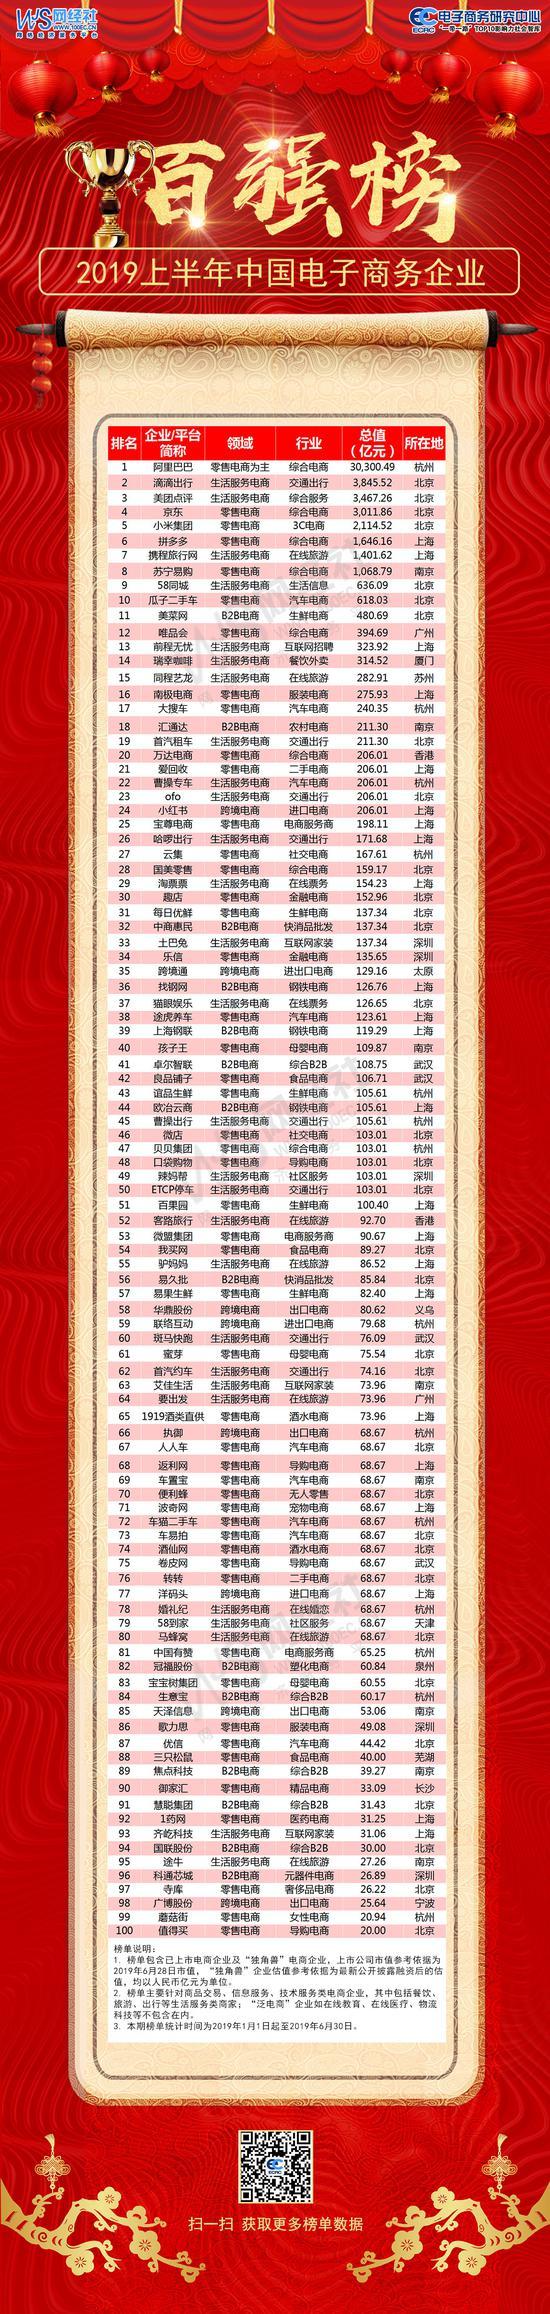 图为2019年上半年中国电子商务企业100强榜单。 电子商务中心供图